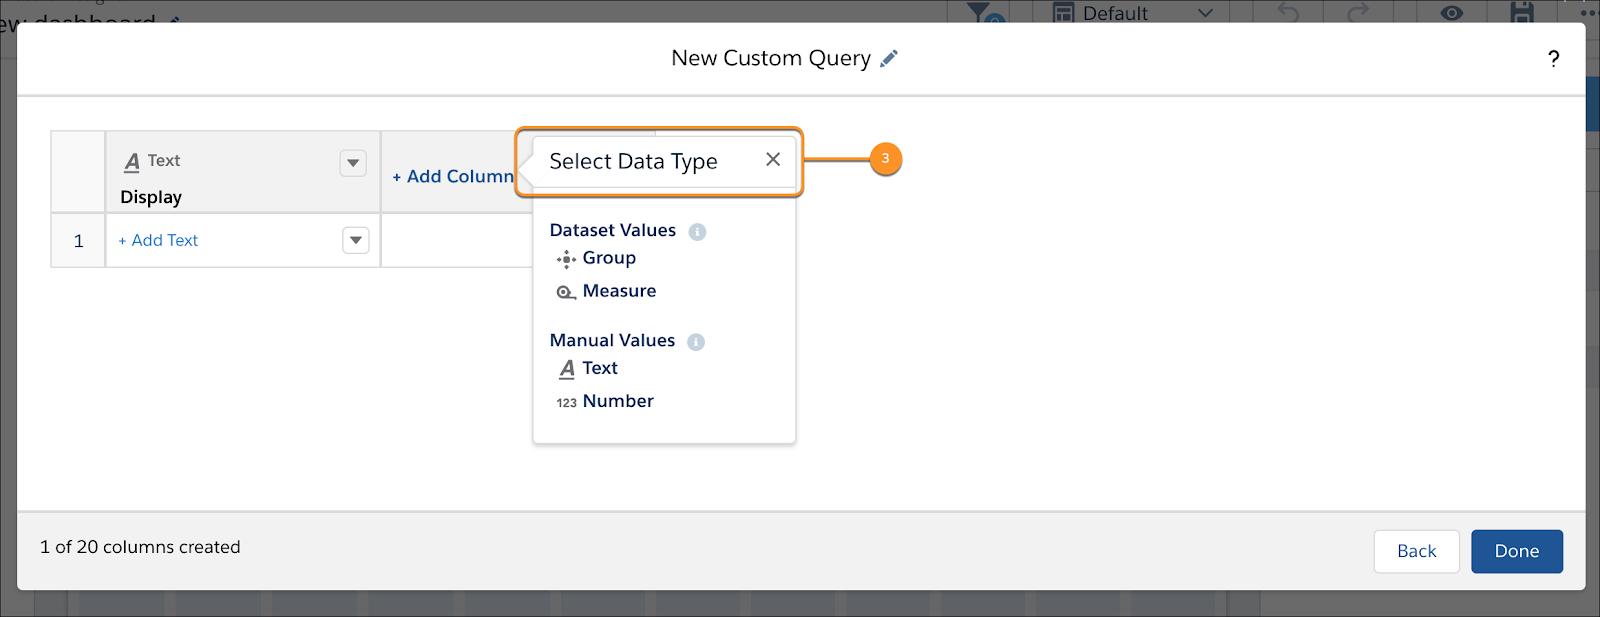 [新規カスタムクエリ] パネルの [データ型を選択] が強調表示されています。